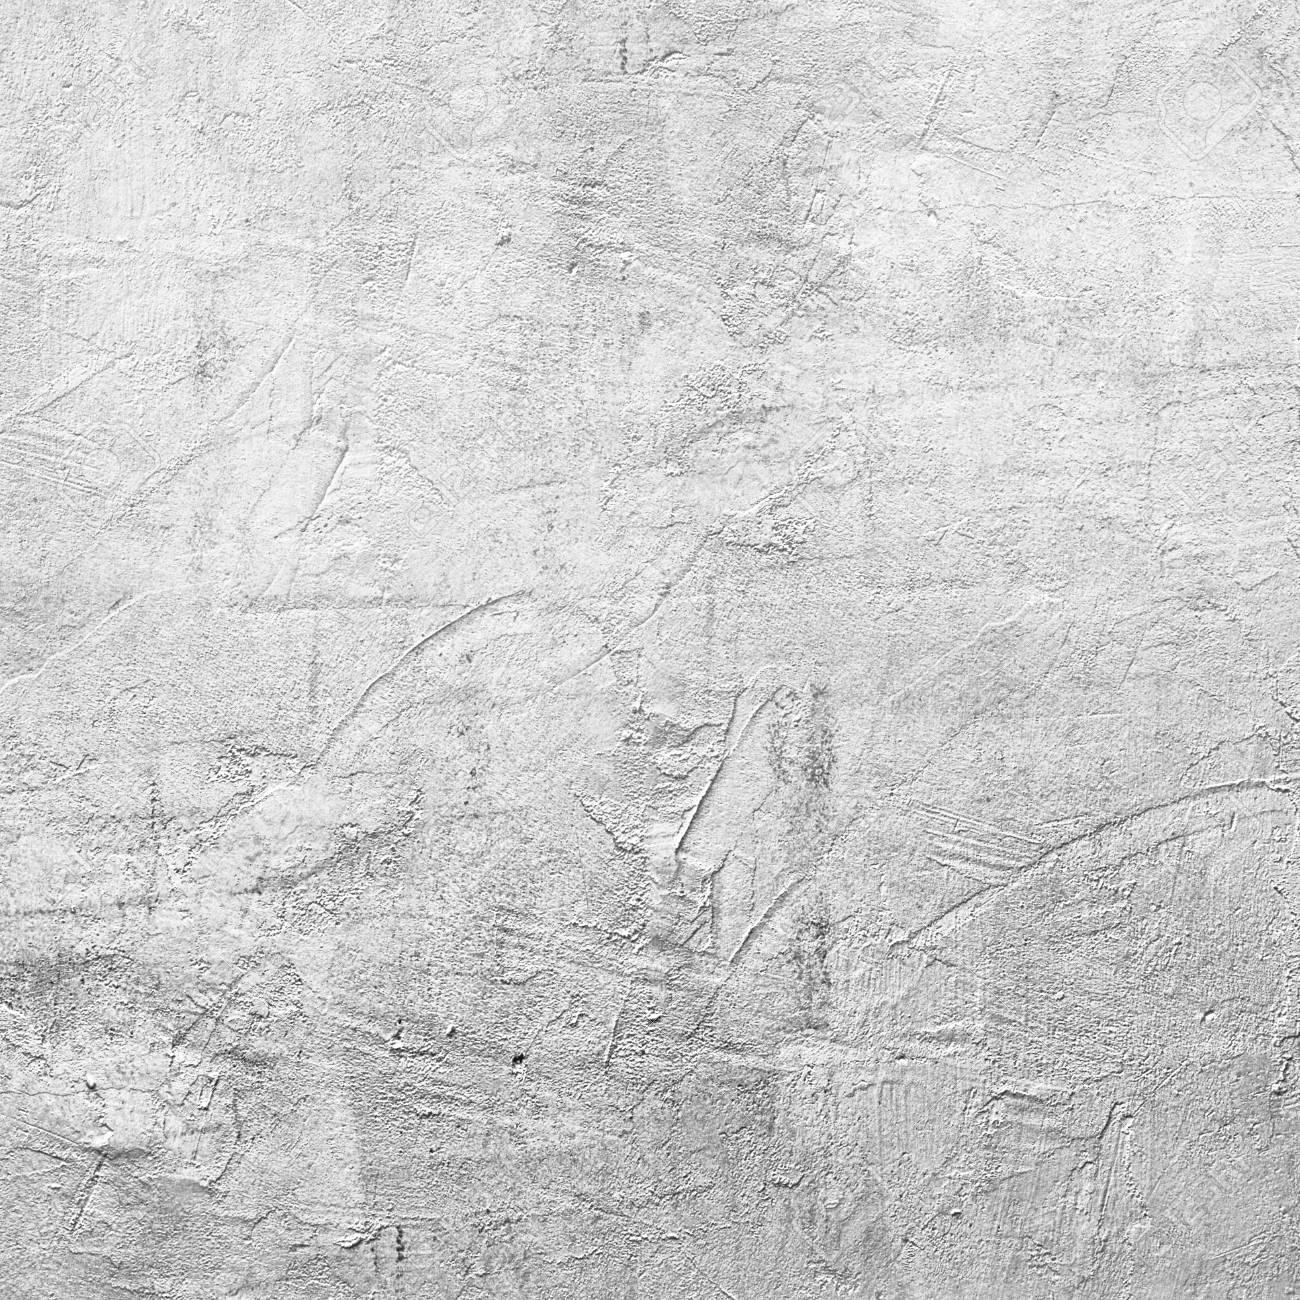 alten putz wand für hintergrund lizenzfreie fotos, bilder und stock